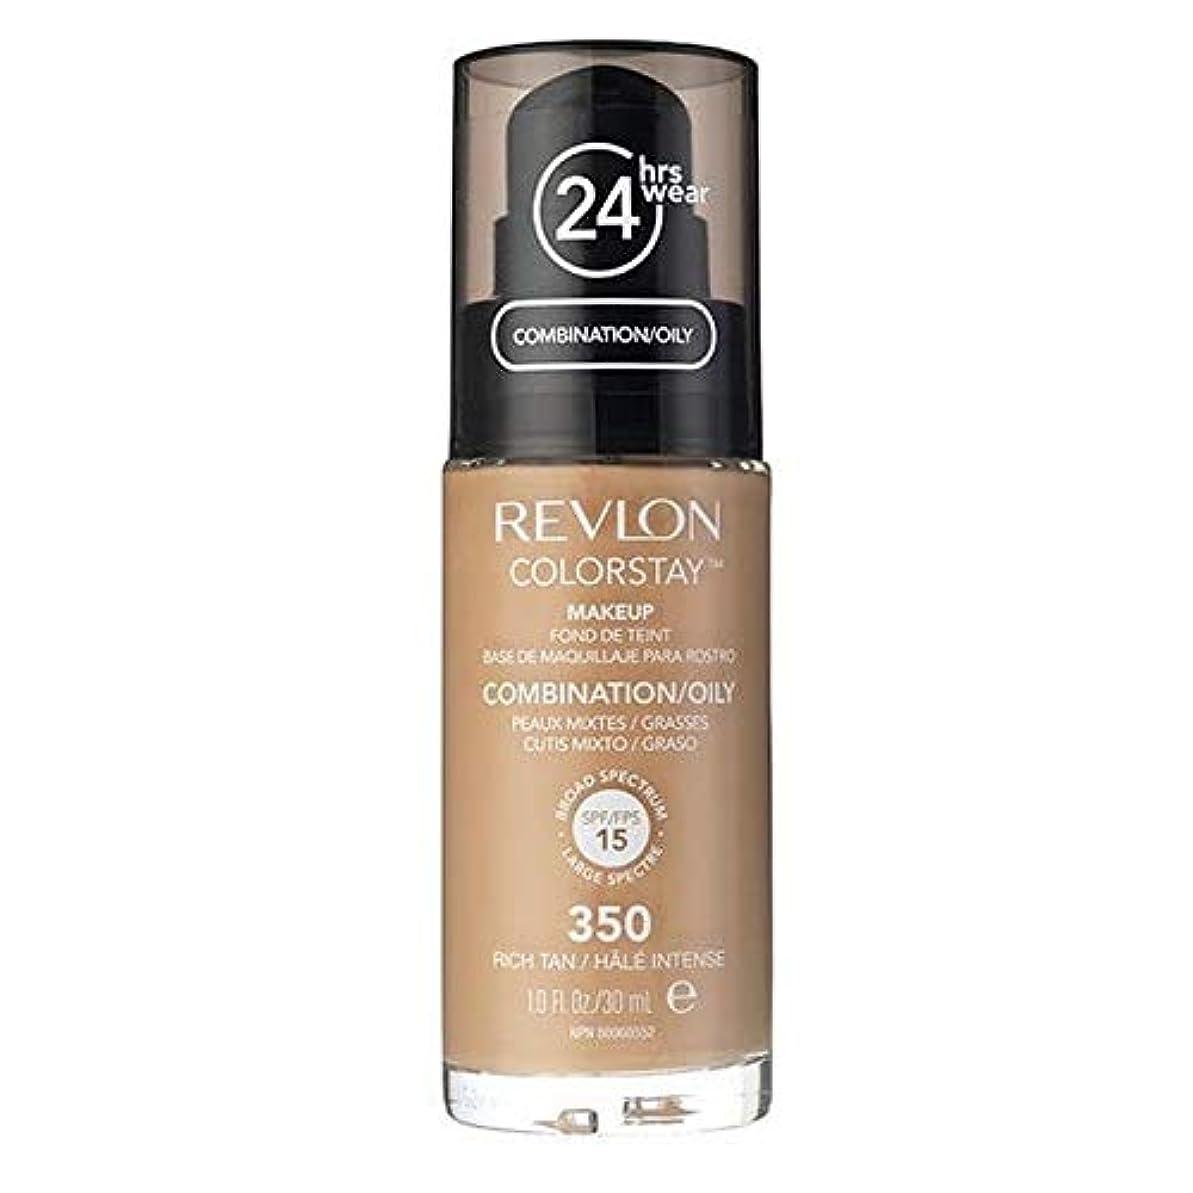 ポンド傀儡保証[Revlon ] レブロンカラーステイ基盤コンビ/油性豊かな日焼け30ミリリットル - Revlon Color Stay Foundation Combi/Oily Rich Tan 30ml [並行輸入品]